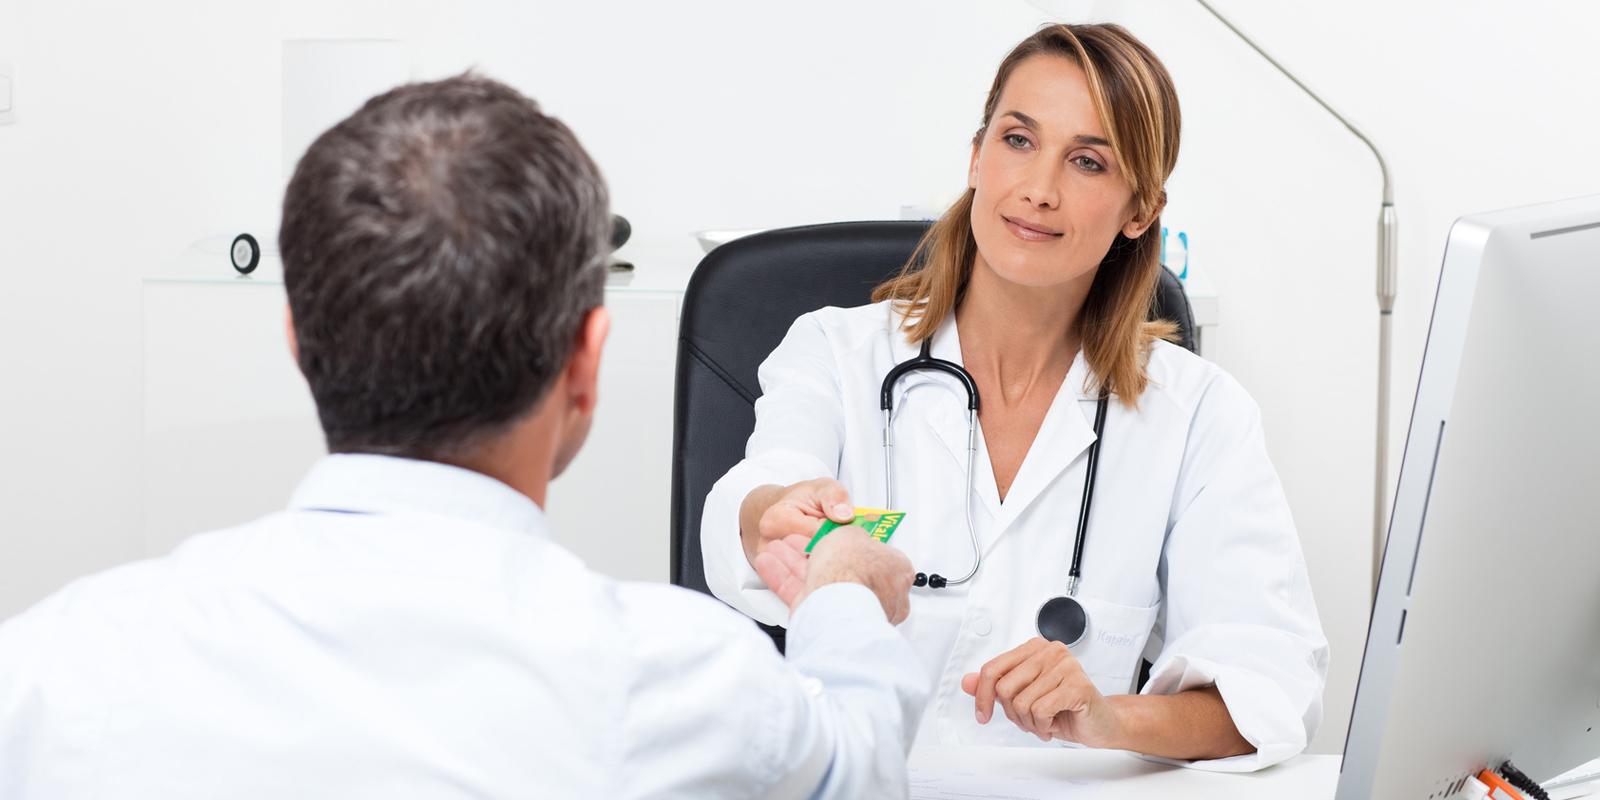 carte européenne d assurance maladie renouvellement Perte, oubli, renouvellement CEAM : que faire ?   Previssima